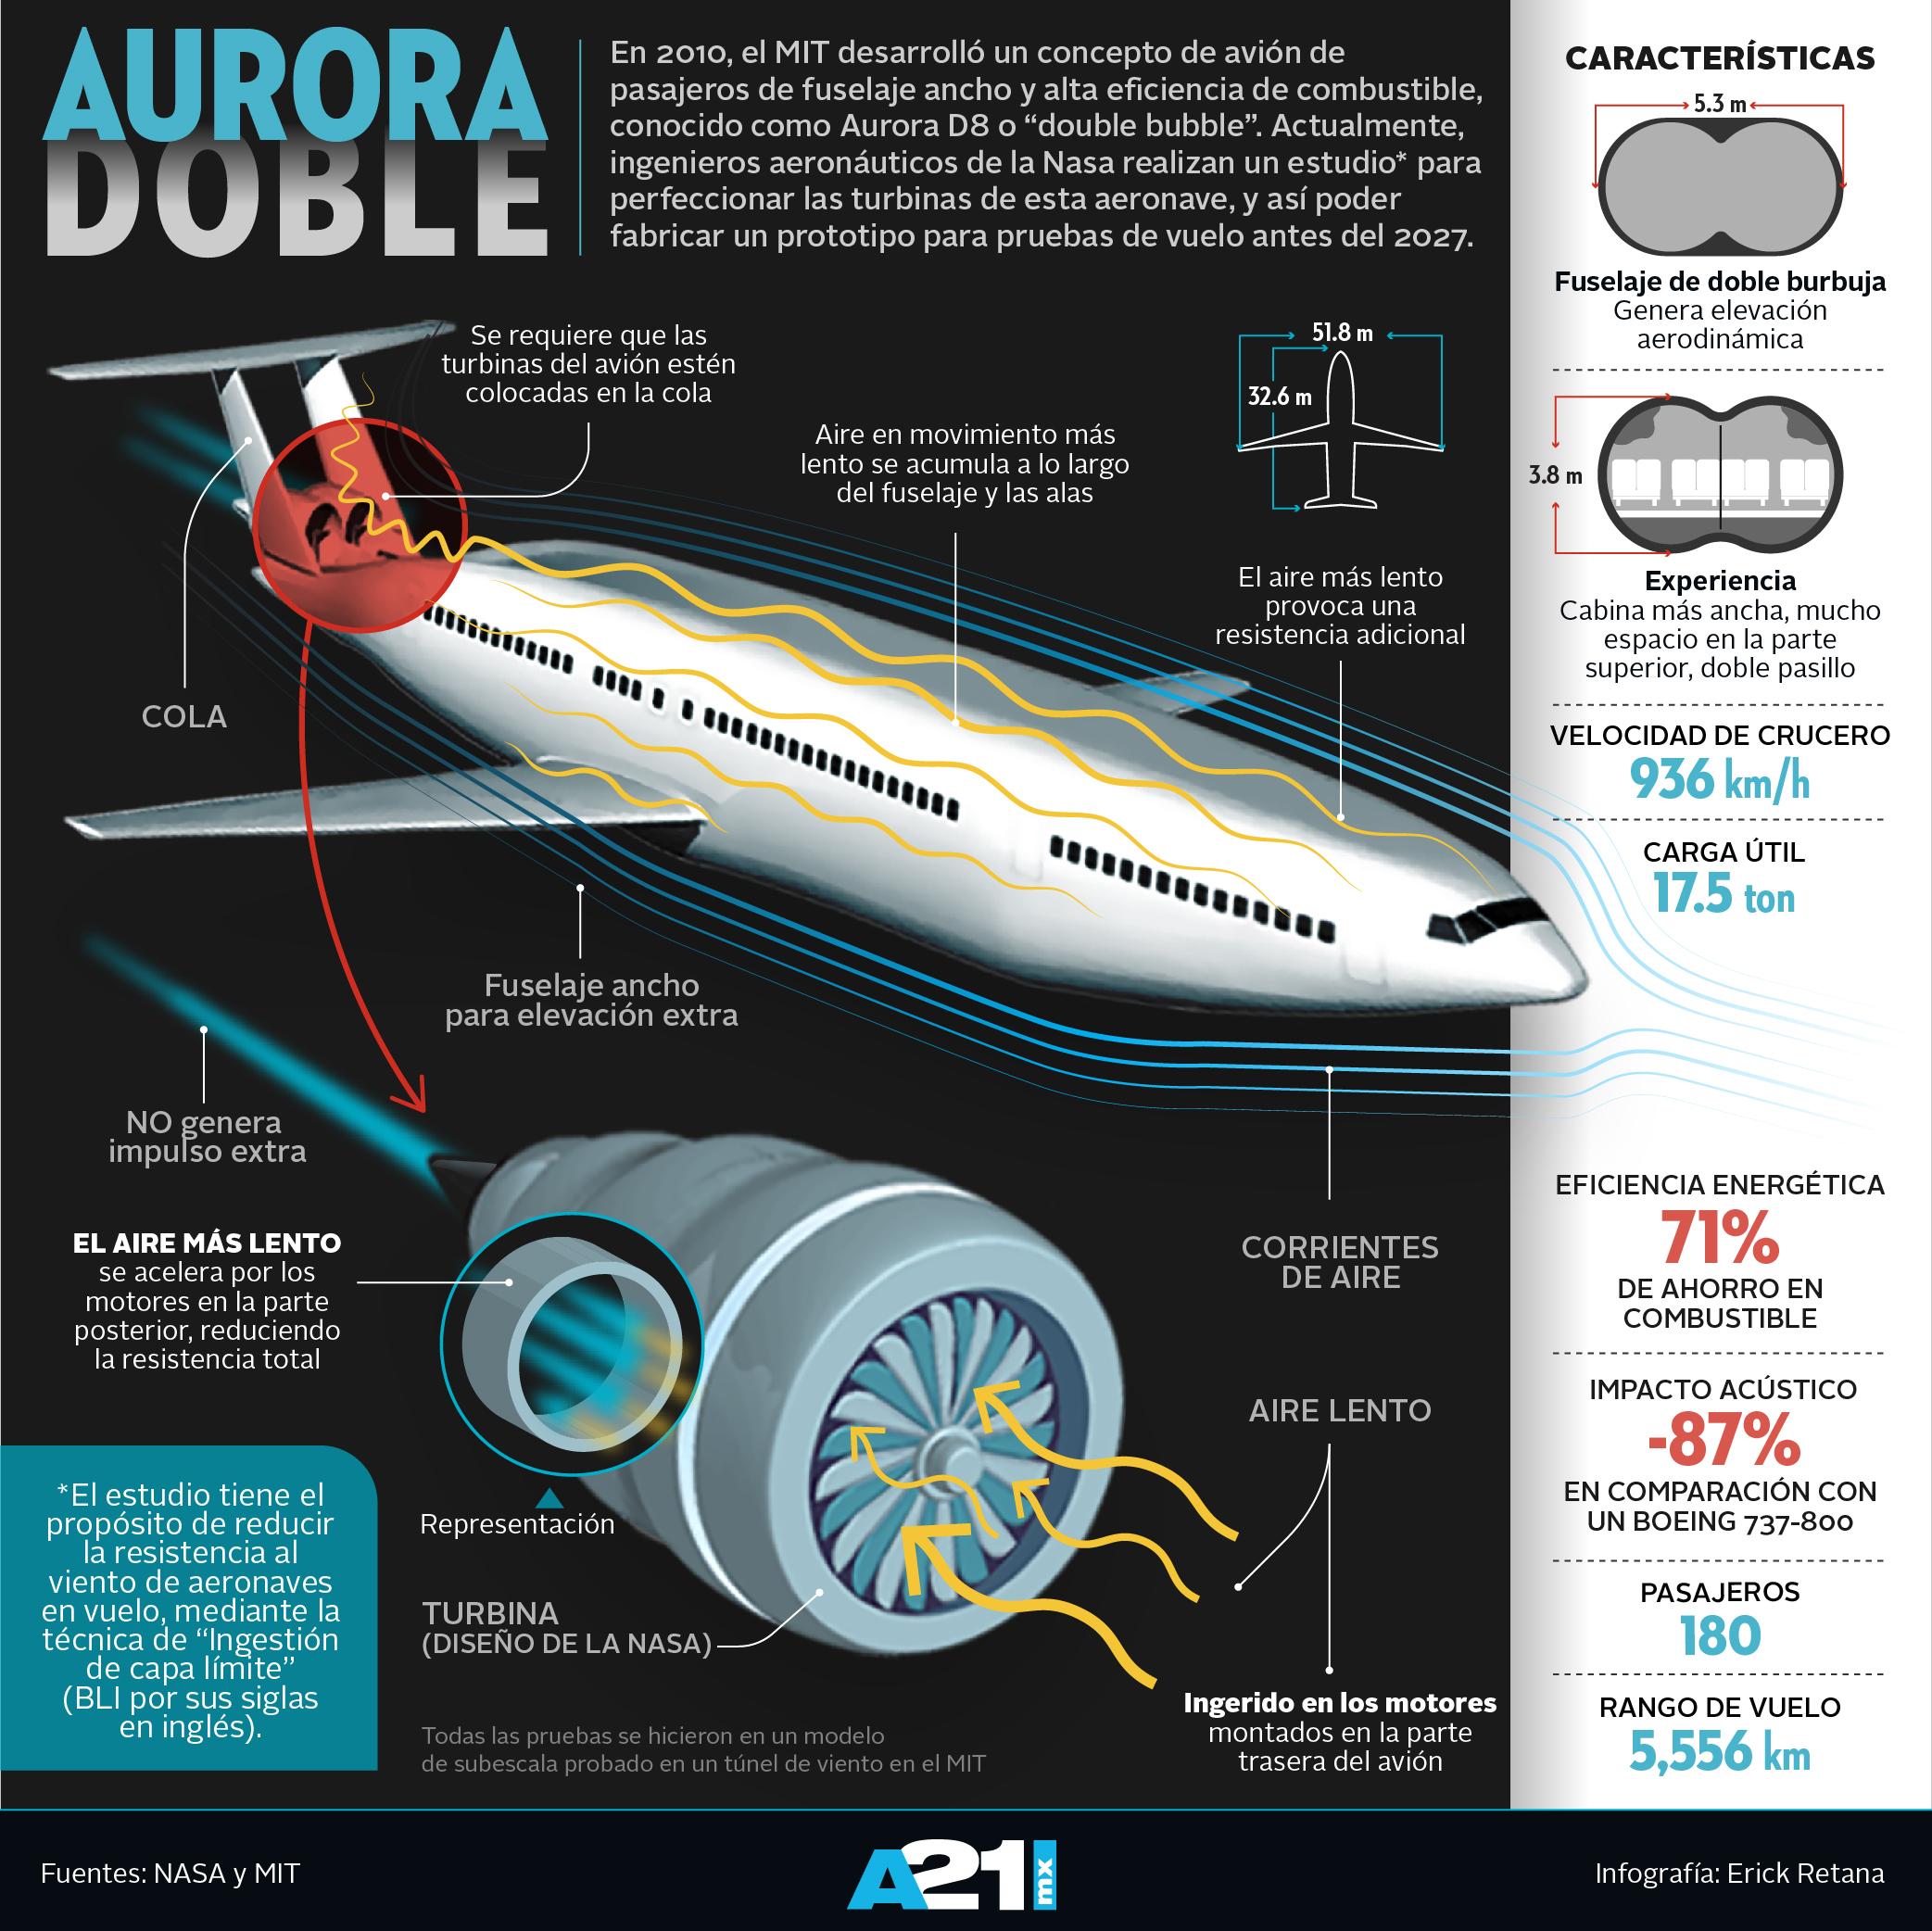 Nasa-MIT-Aurora-D8